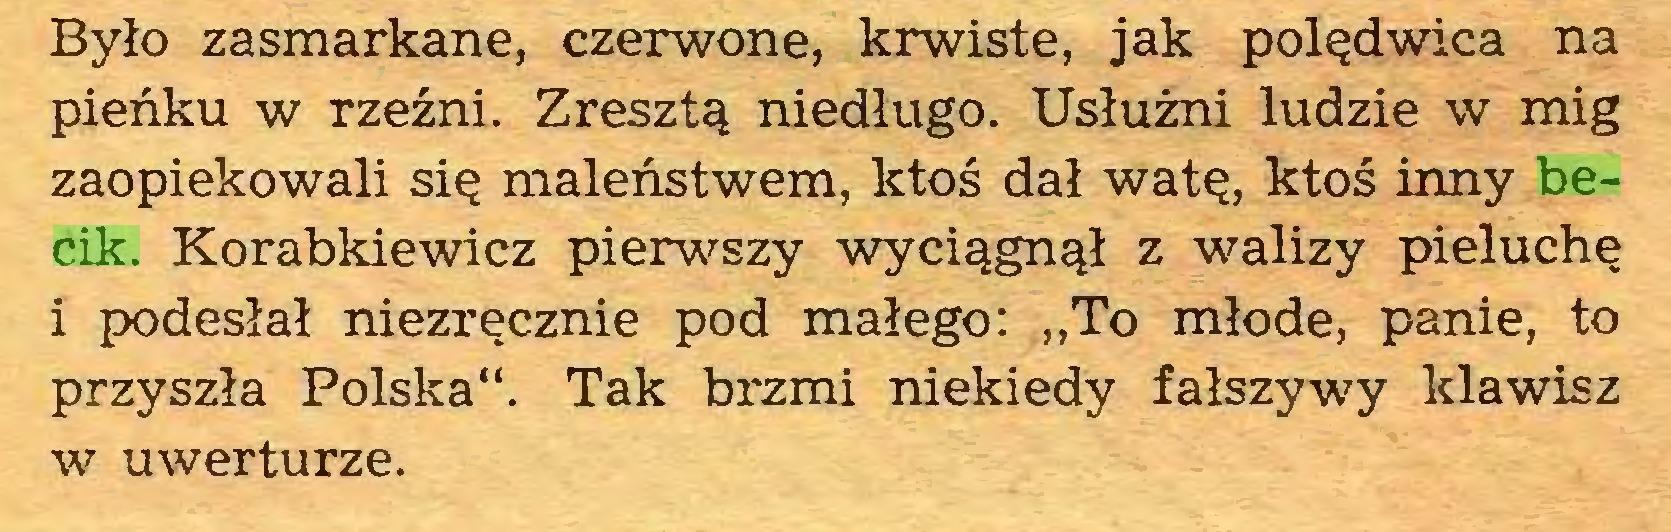 """(...) Było zasmarkane, czerwone, krwiste, jak polędwica na pieńku w rzeźni. Zresztą niedługo. Usłużni ludzie w mig zaopiekowali się maleństwem, ktoś dał watę, ktoś inny becik. Korabkiewicz pierwszy wyciągnął z walizy pieluchę 1 podesłał niezręcznie pod małego: """"To młode, panie, to przyszła Polska"""". Tak brzmi niekiedy fałszywy klawisz w uwerturze..."""